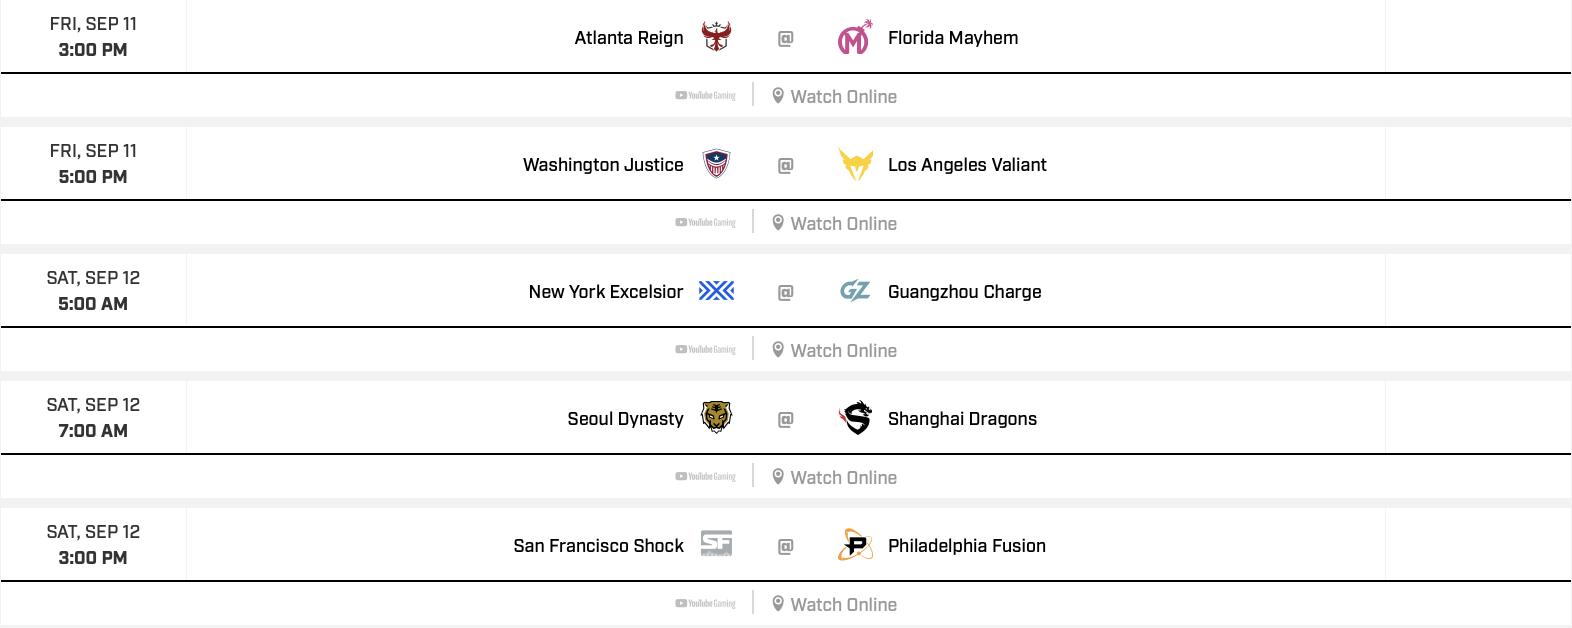 Overwatch League – Playoff Schedule